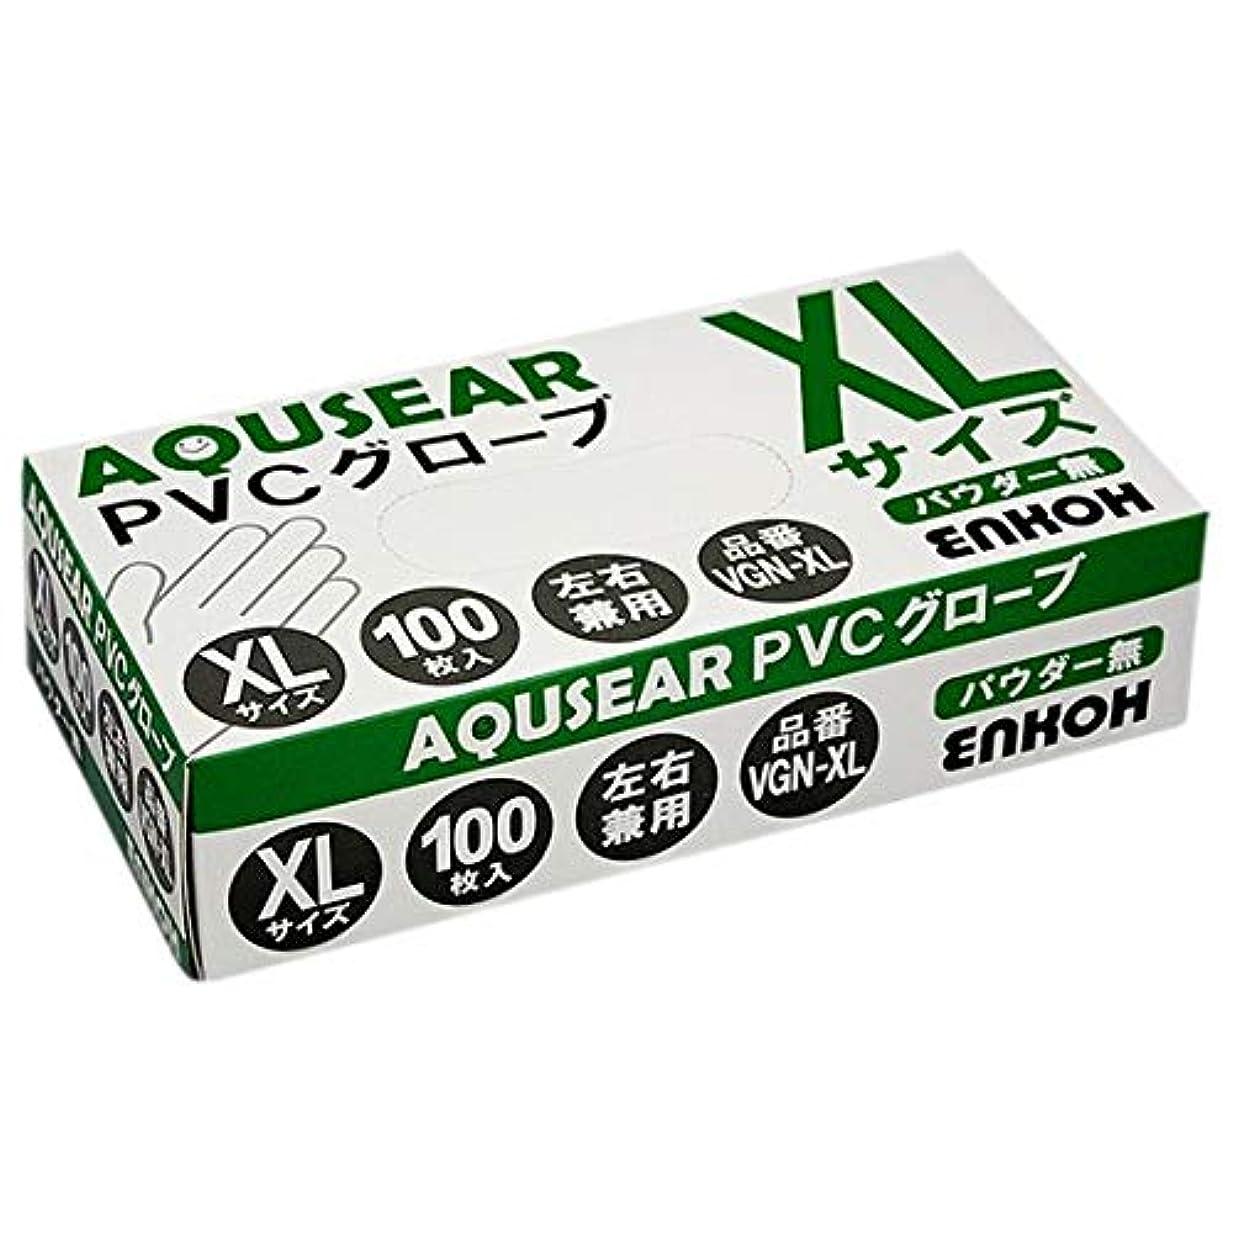 コショウインフラスペシャリストAQUSEAR PVC プラスチックグローブ XLサイズ パウダー無 VGN-XL 100枚×20箱